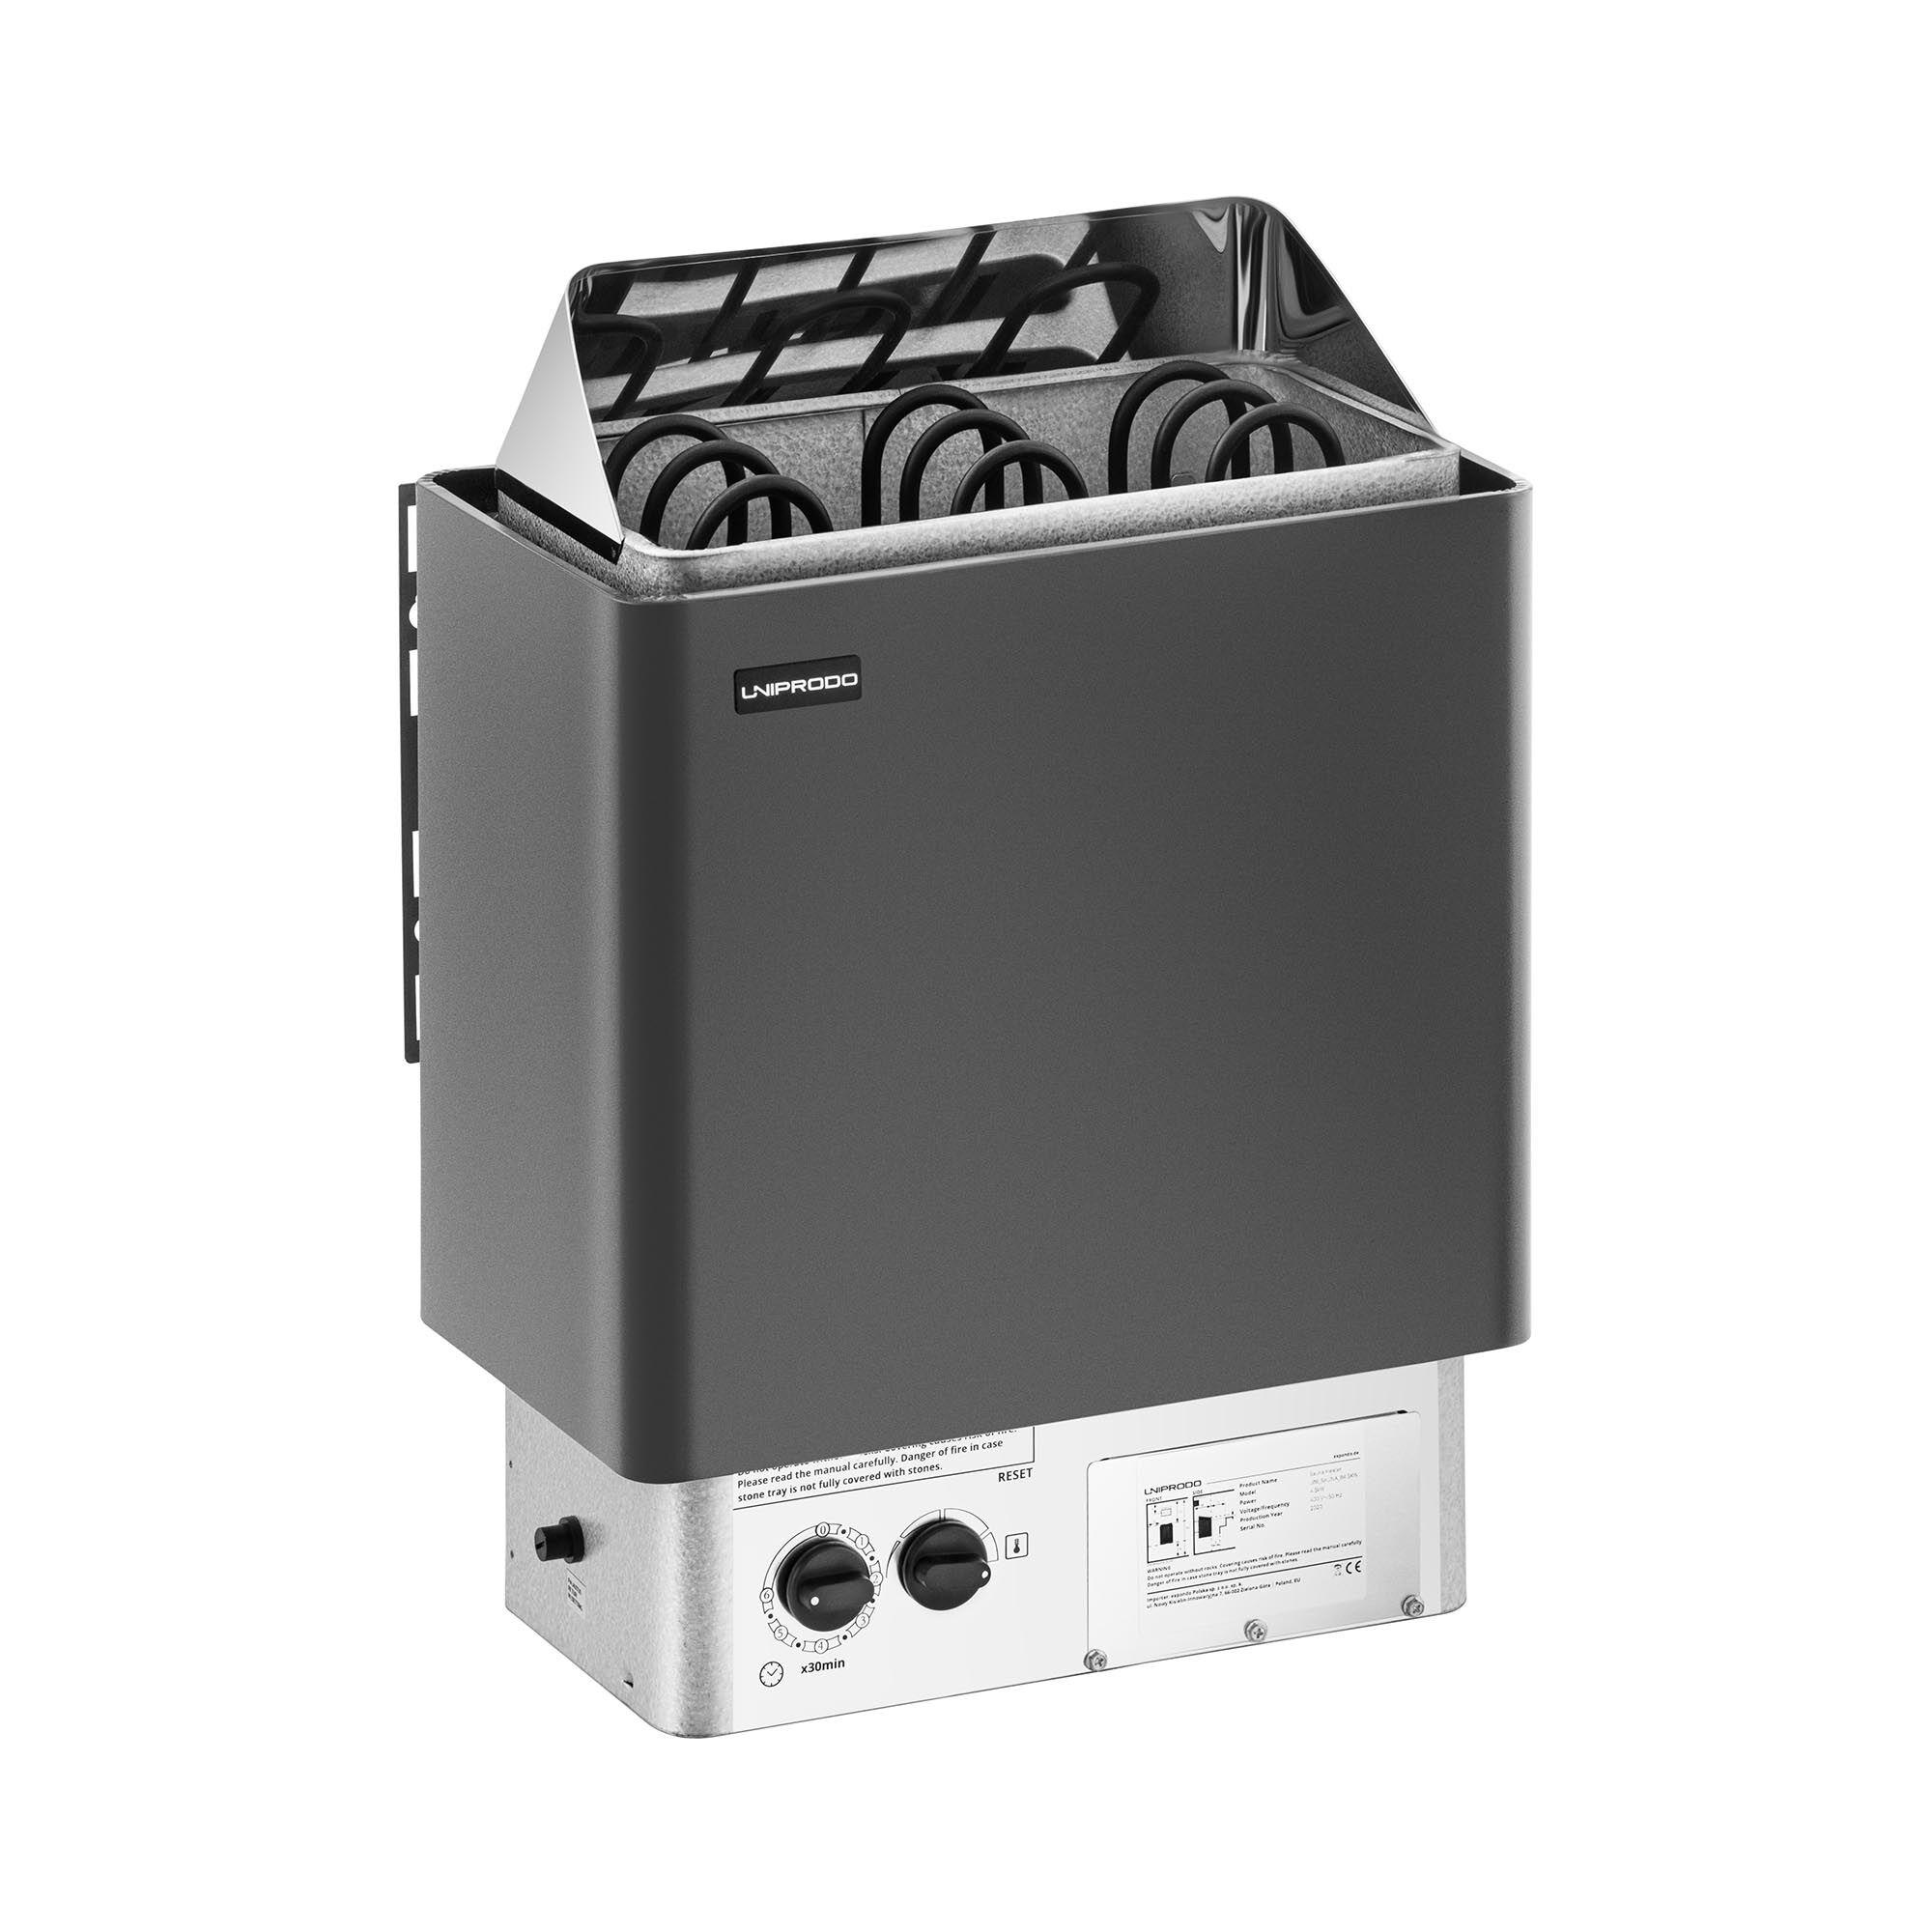 Uniprodo Stufa elettrica per sauna - 4,5 kW - 30-110 °C - controllo incluso UNI_SAUNA_B4.5KW